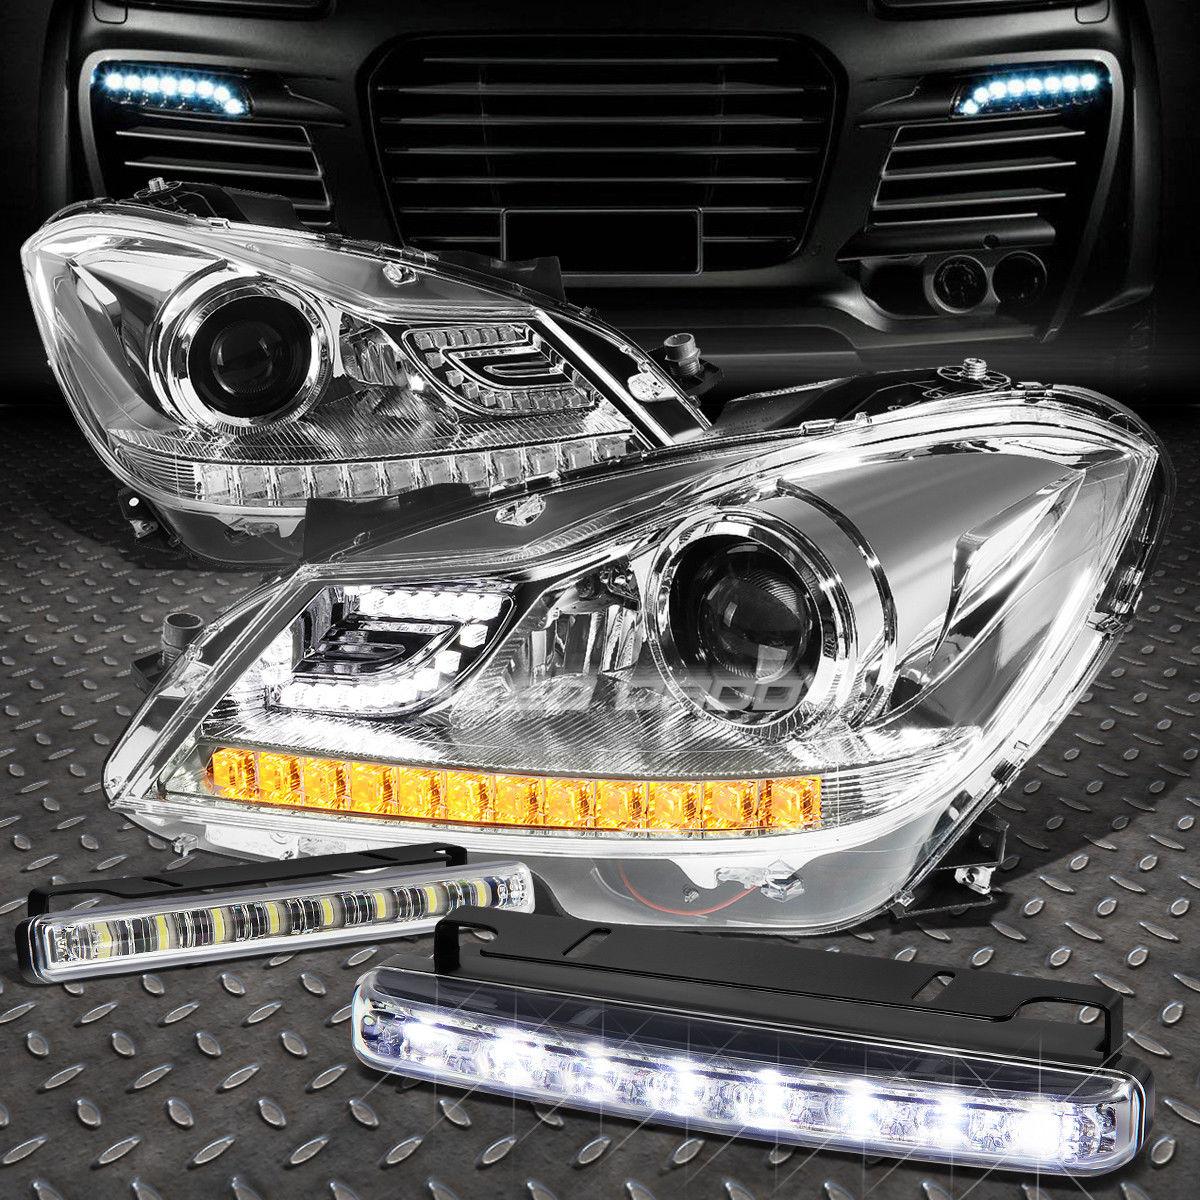 フォグライト CHROME HALO PROJECTOR HEADLIGHT+8 LED GRILL FOG LIGHT FOR 12-14 C-CLASS W204 クロームハロープロジェクターヘッドライト+ 12-14クラスW204のための8 LEDグリルフォグライト